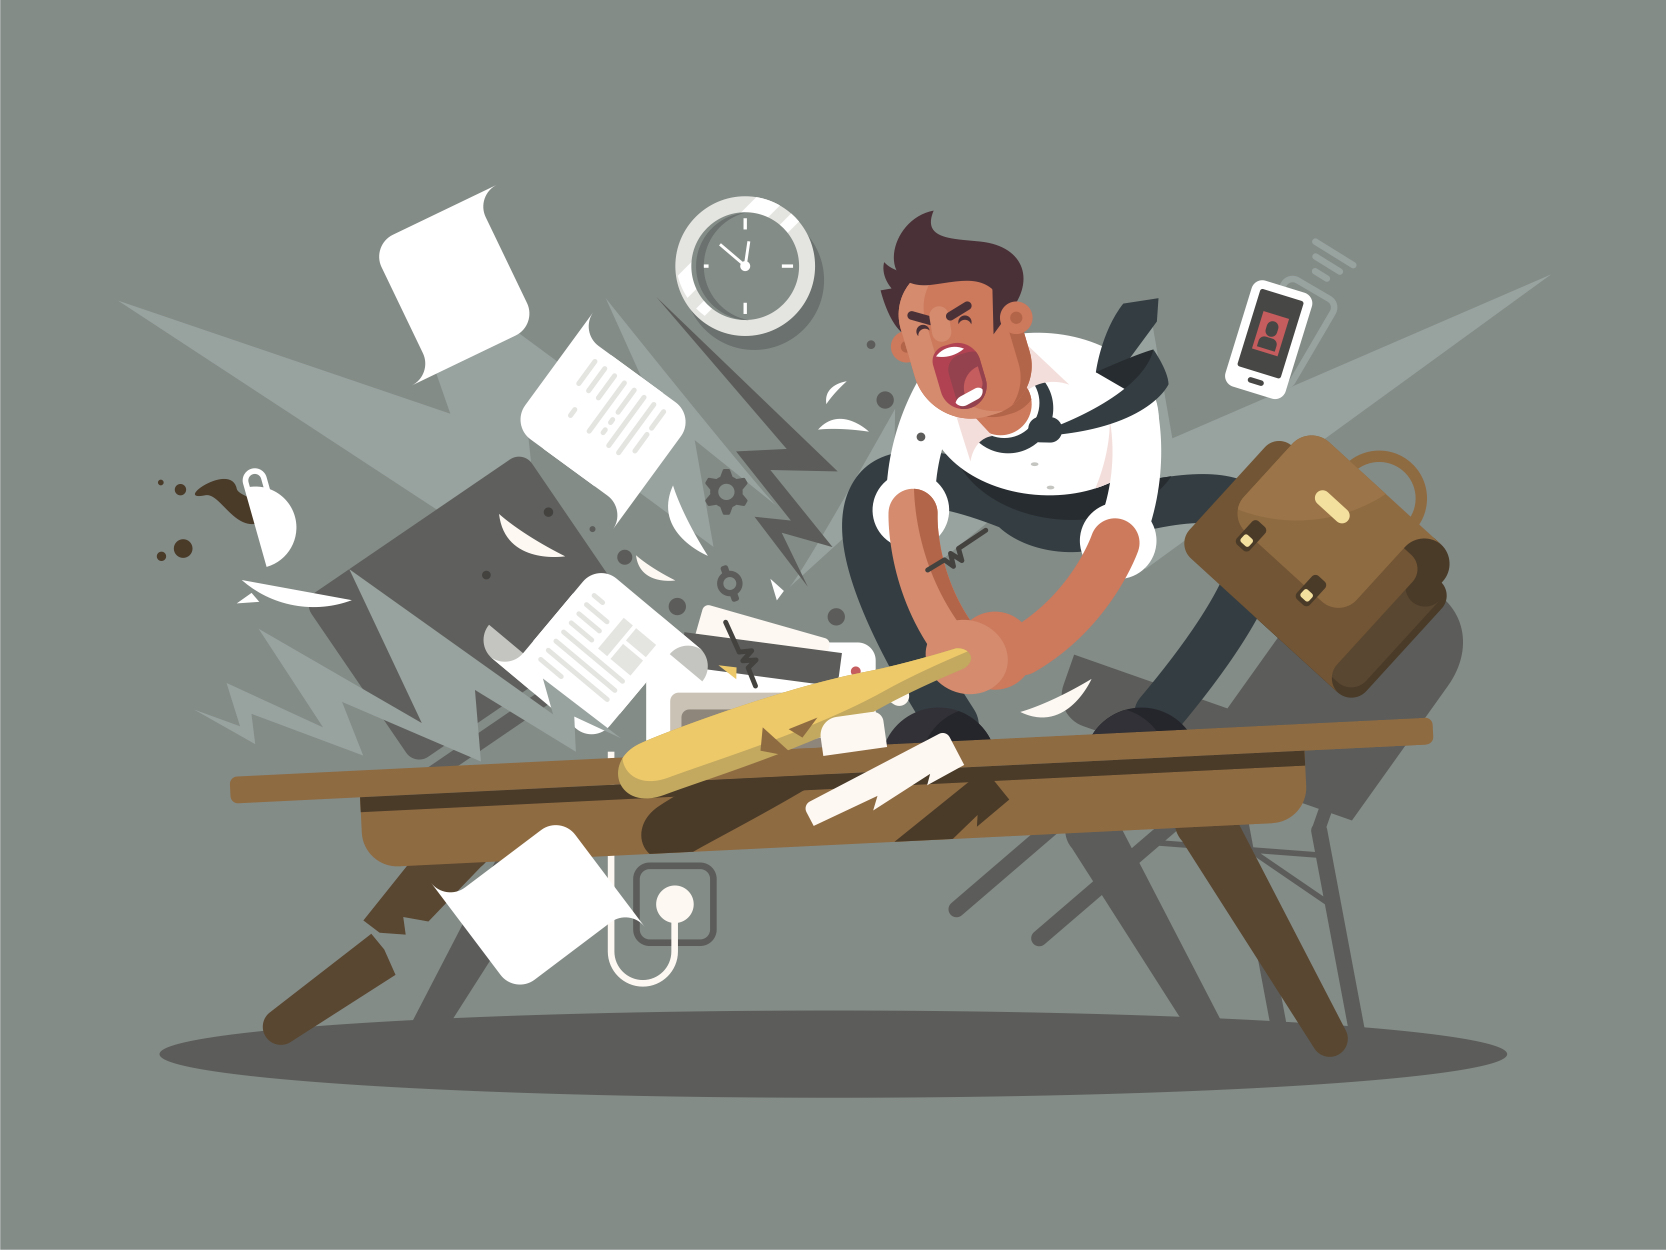 conseils sur la façon de faire exploser le travail